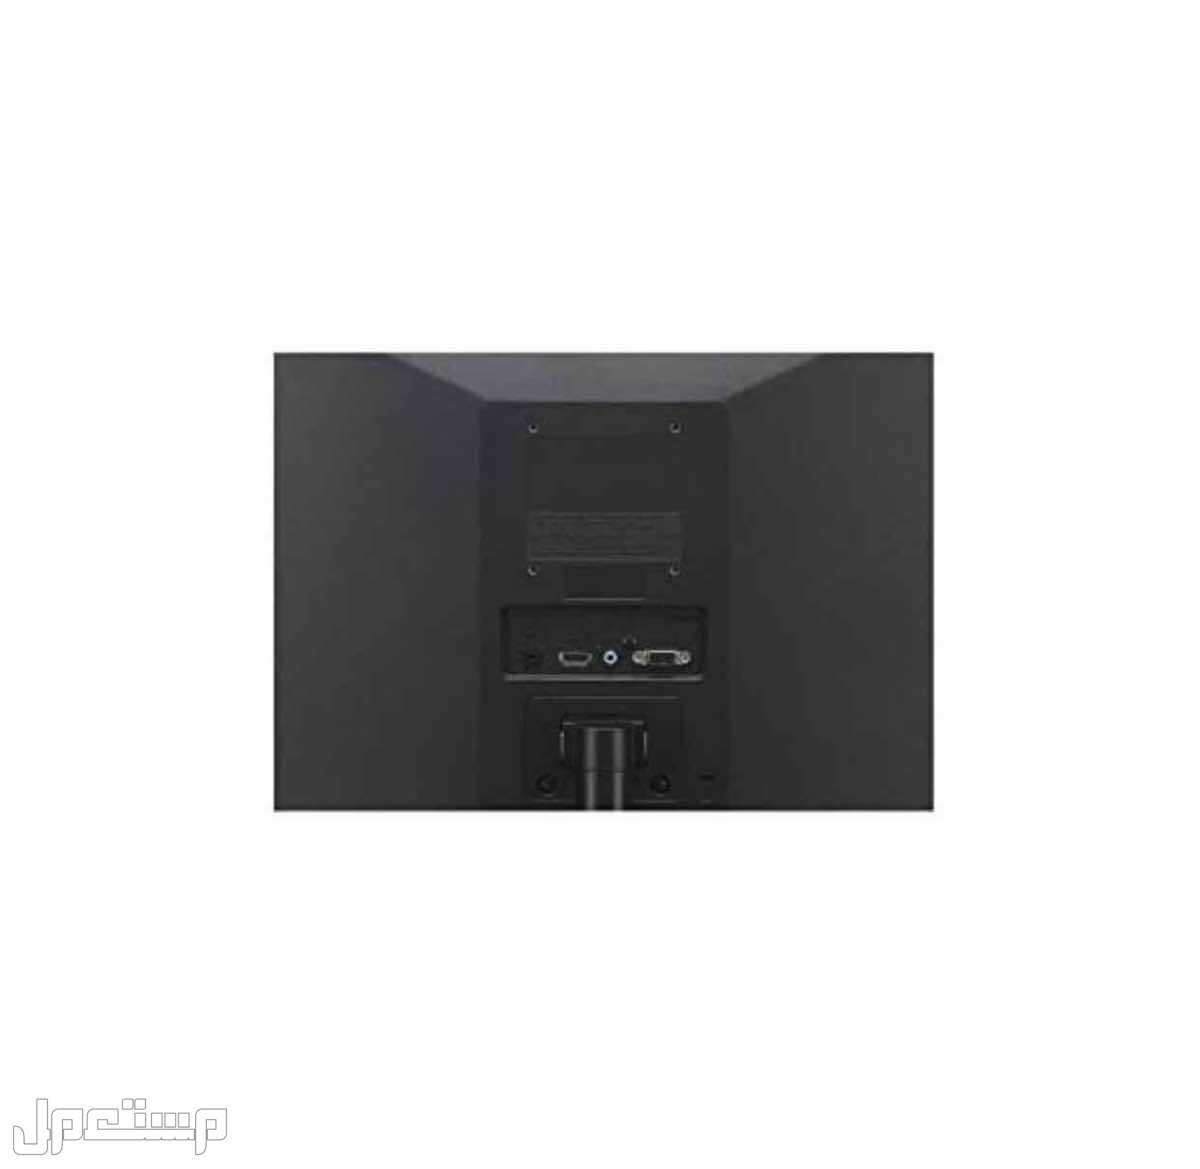 شاشة فل اتش دي (1920X1080) مقاس 24 انش - اللون اسود - ال اي دي